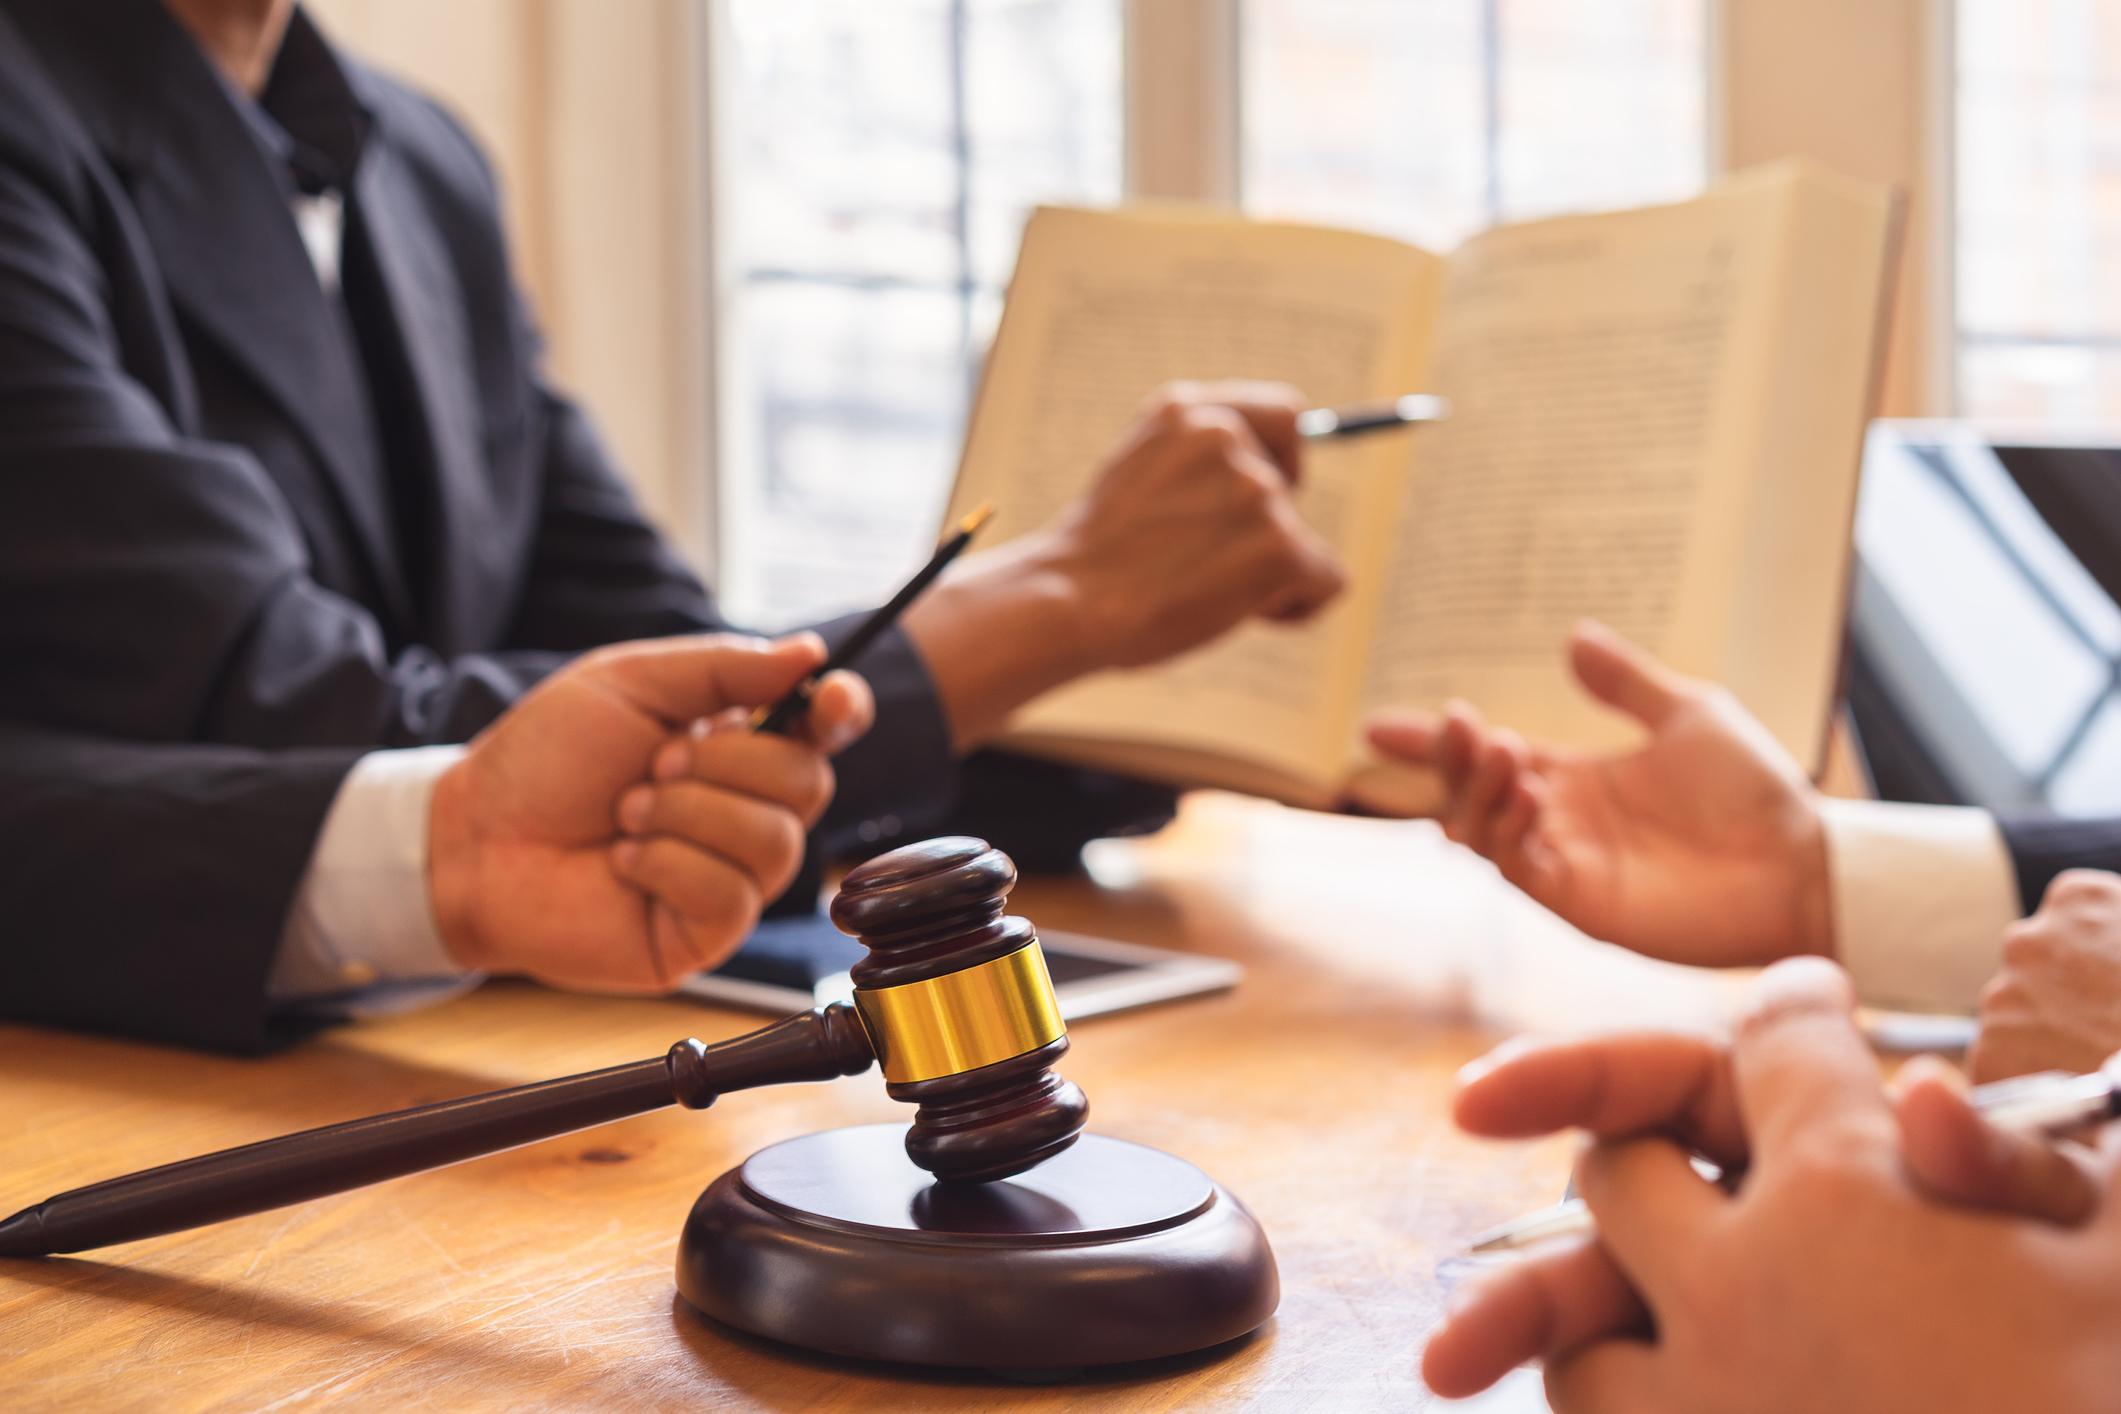 גישור גירושין לזוגות – עשה ואל תעשה